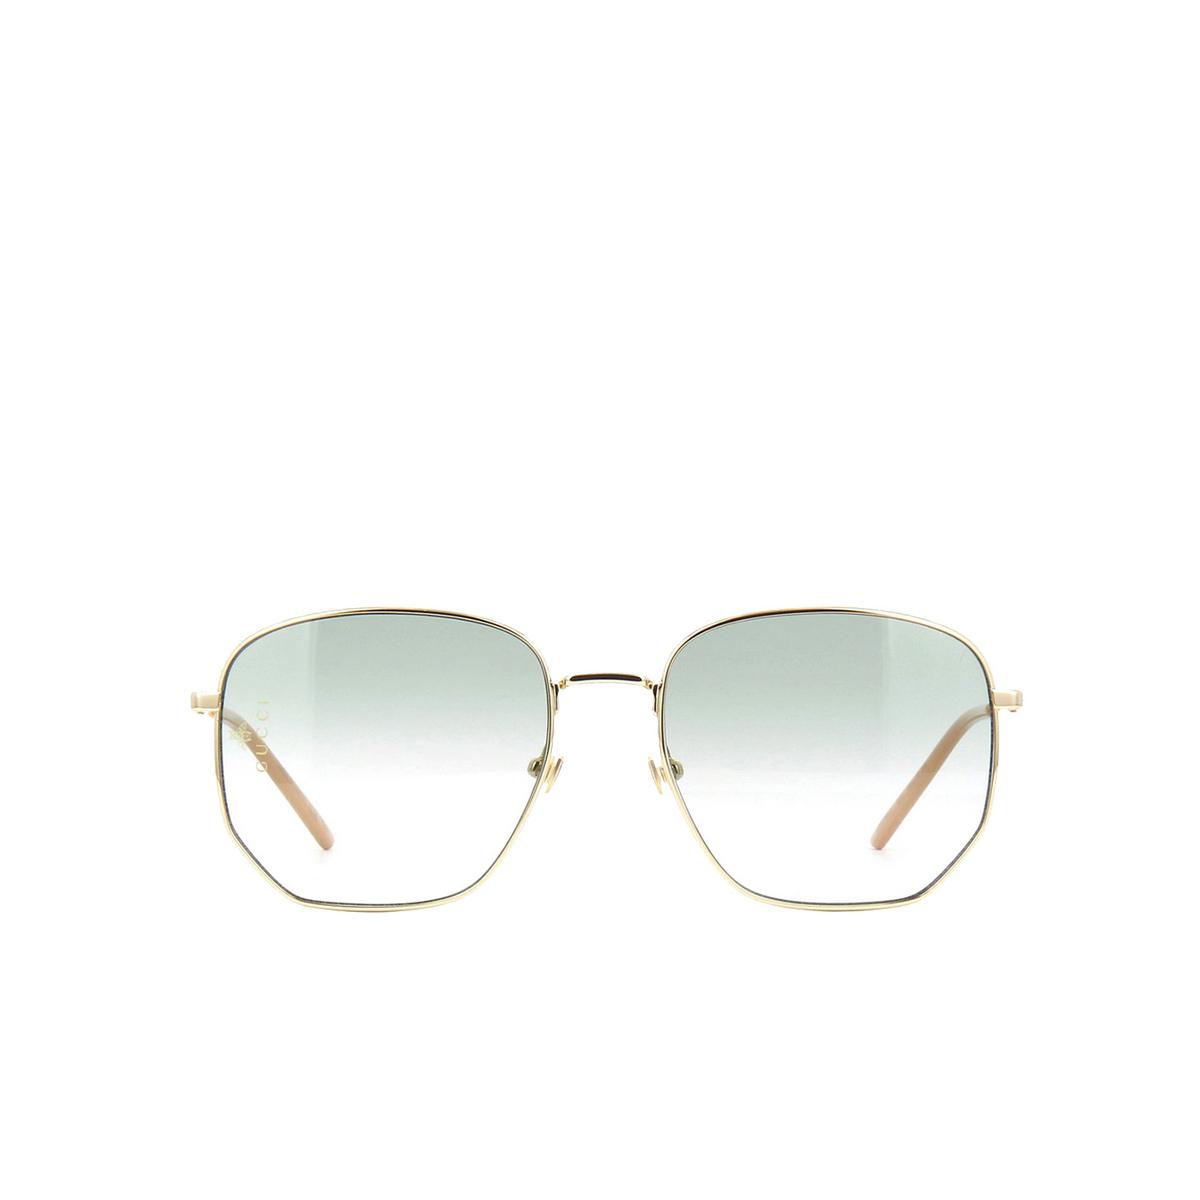 Gucci® Square Sunglasses: GG0396S color Gold 002.